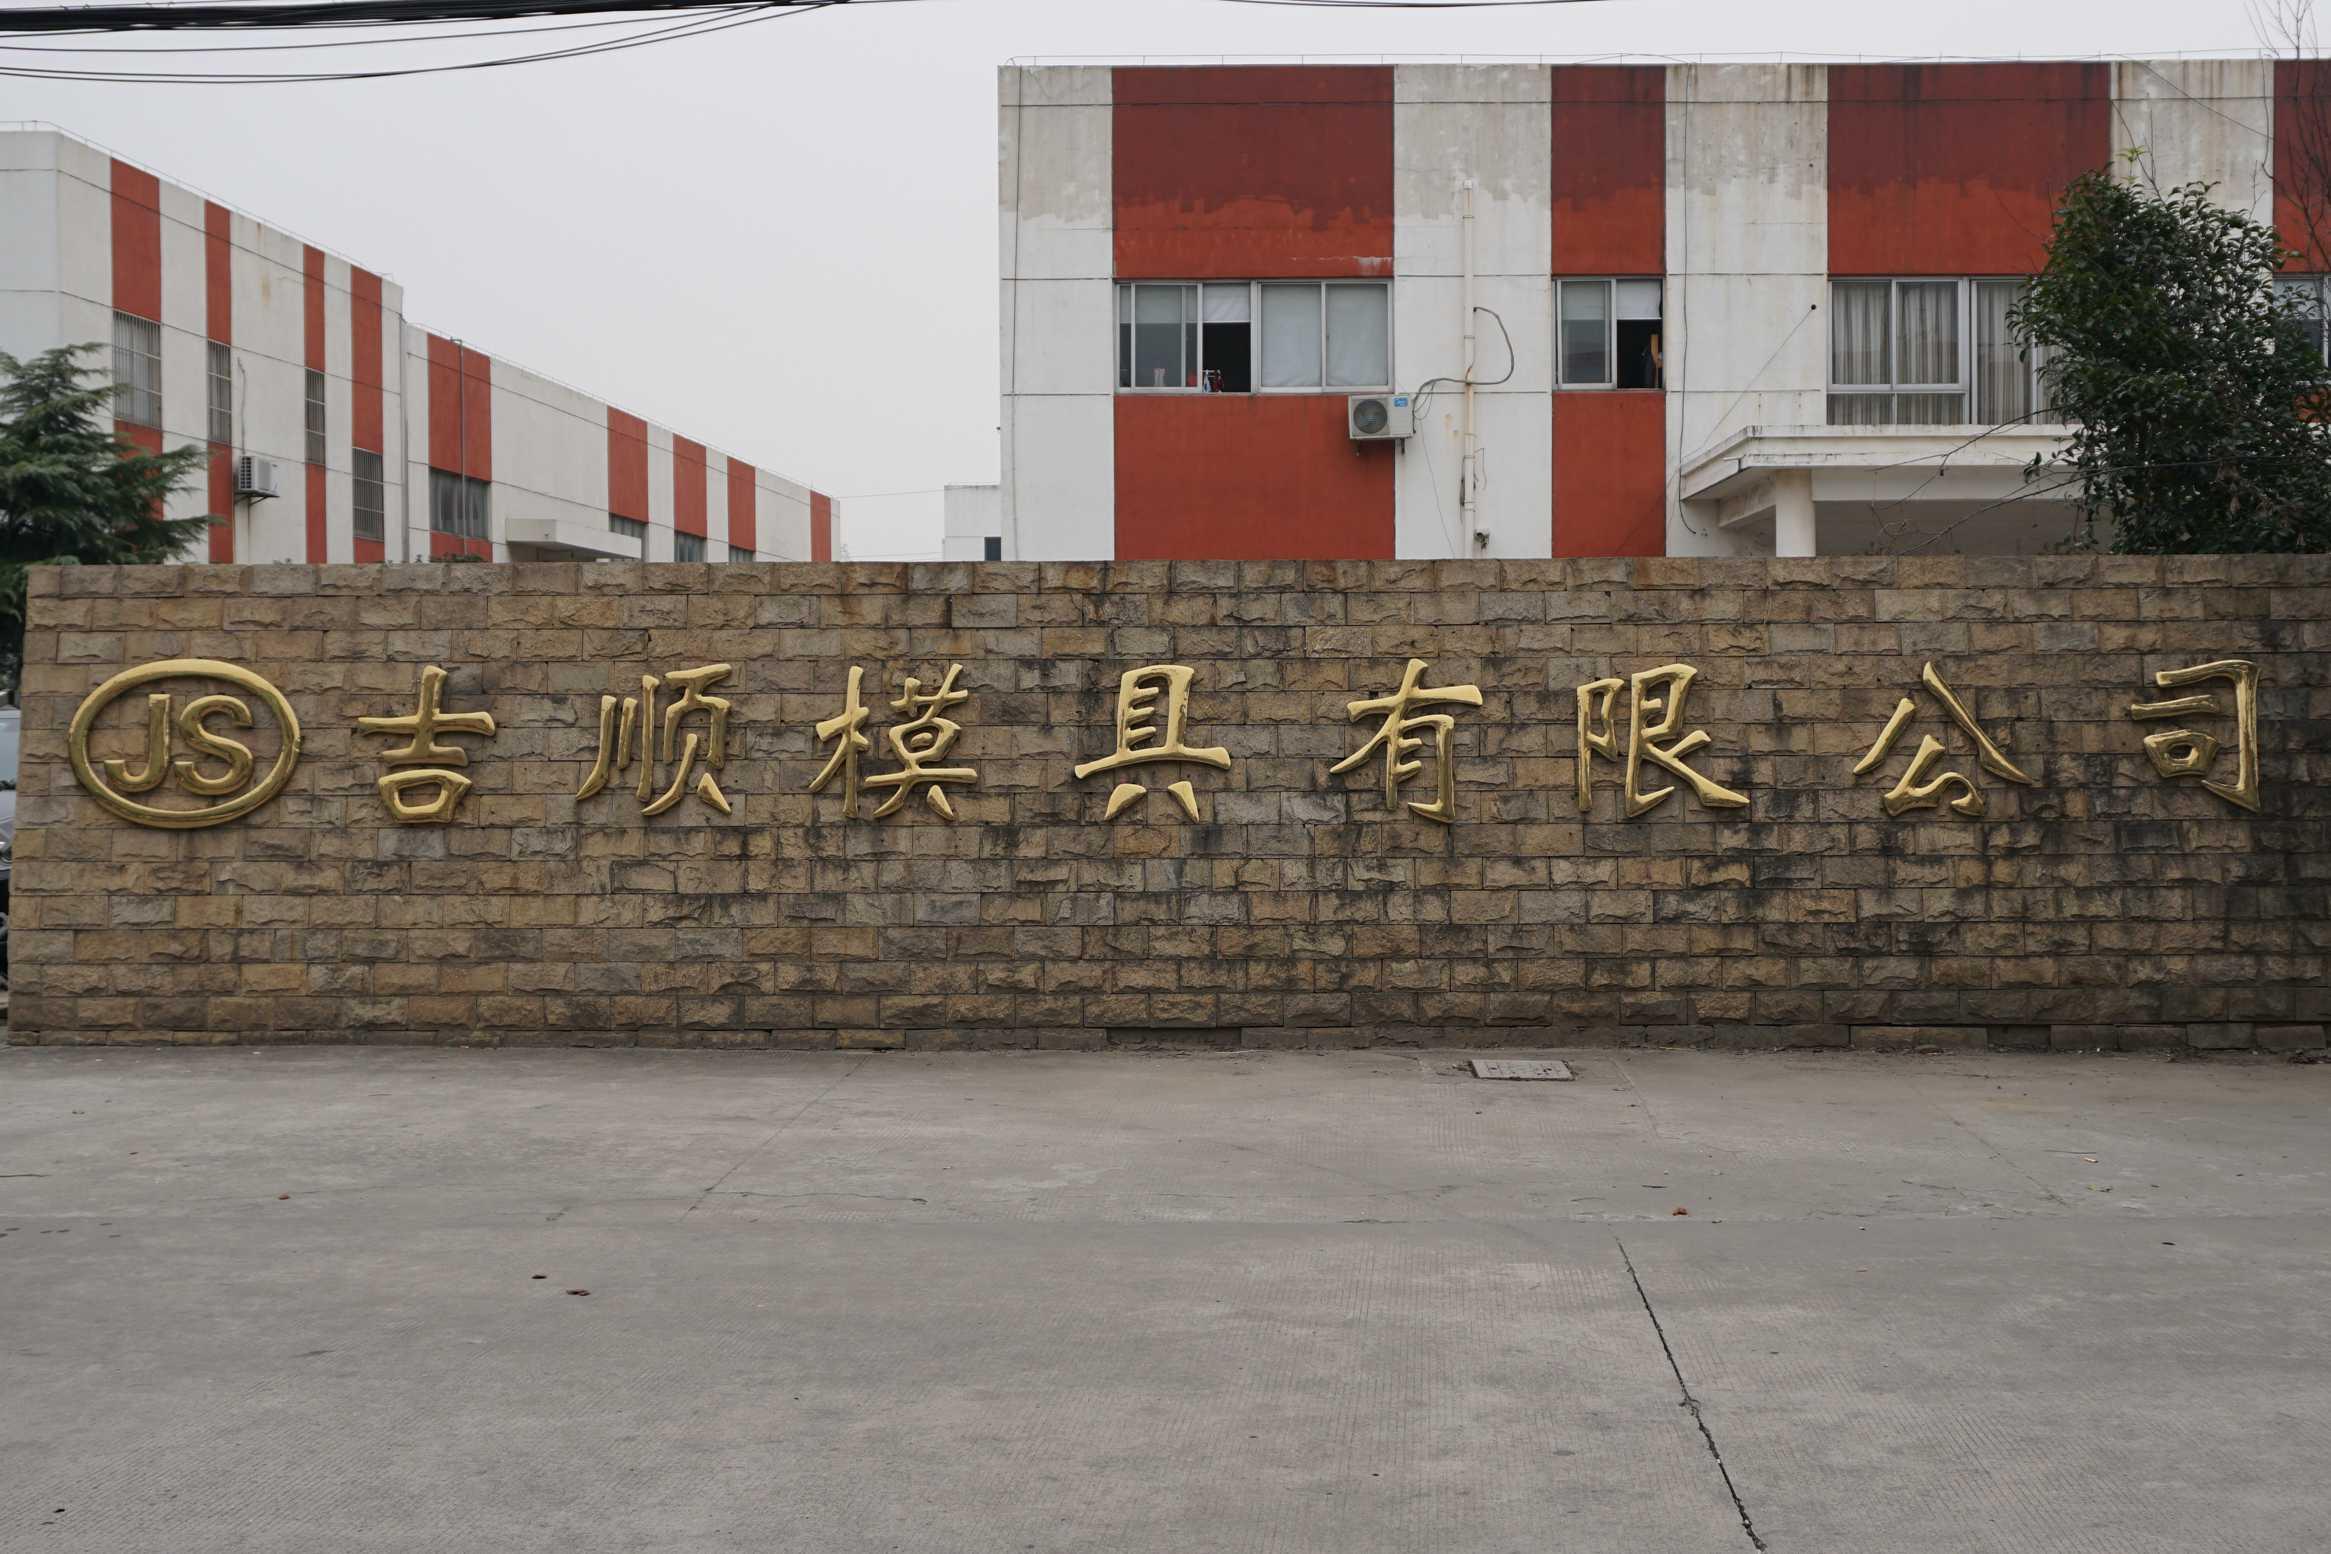 昆山河南商会会员单位风采——昆山吉顺模具有限公司